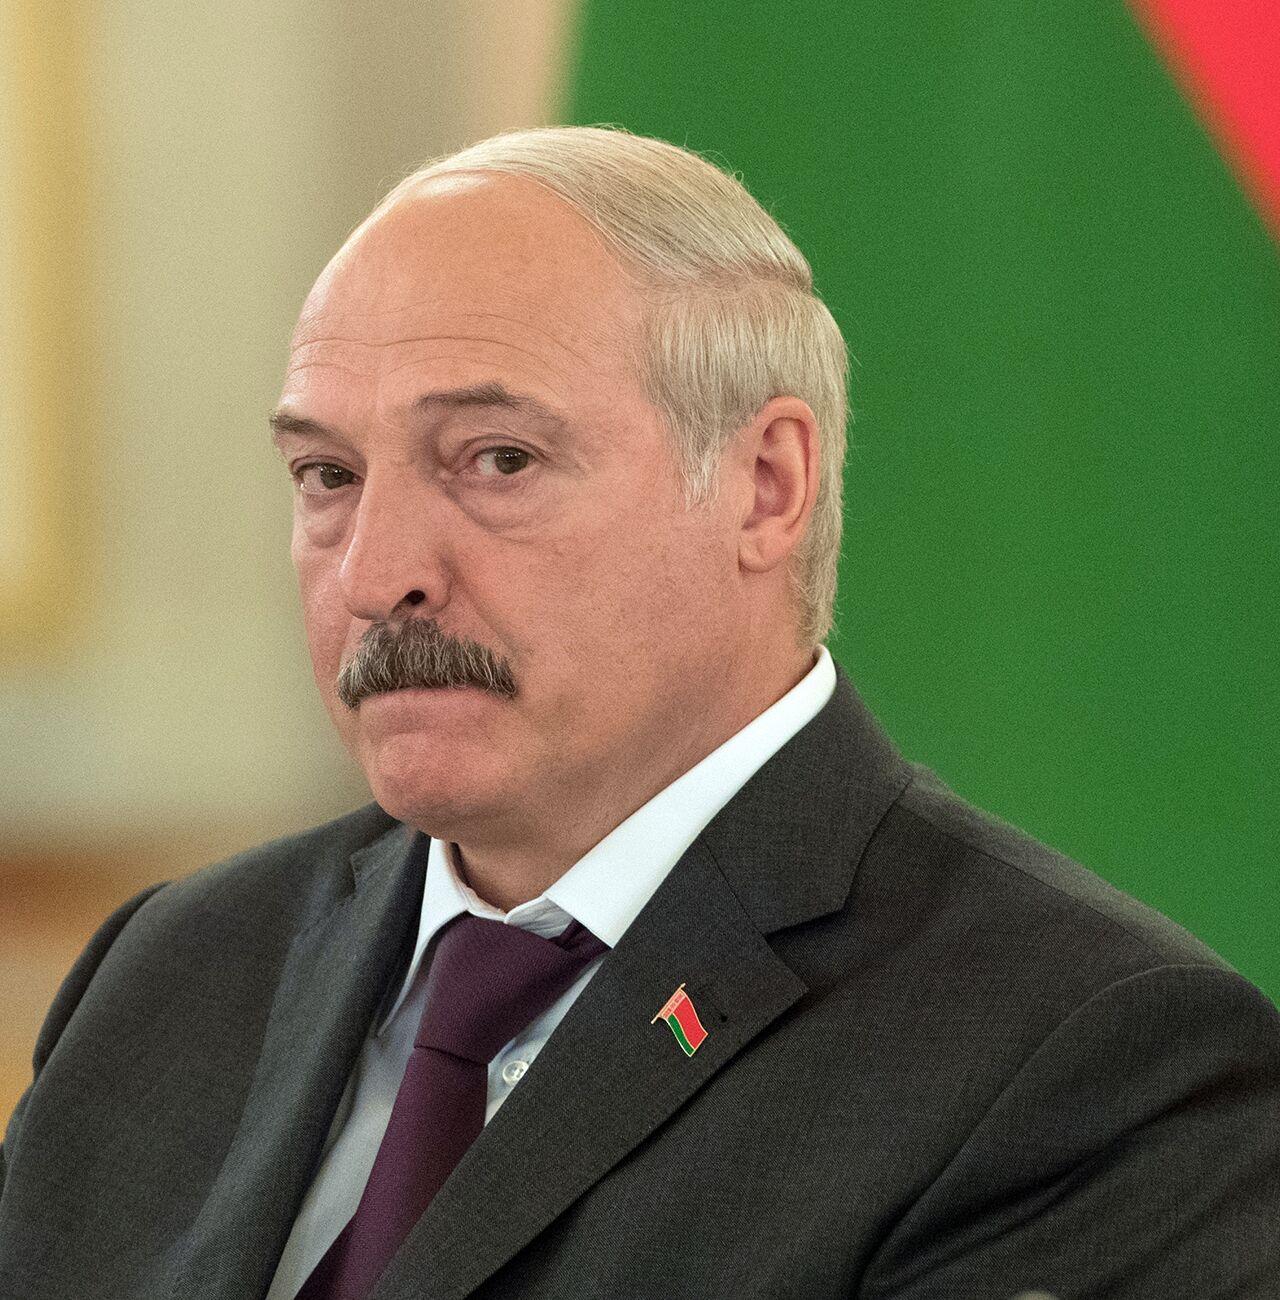 Лукашенко заявил о направленных на него ядовитых стрелах ...